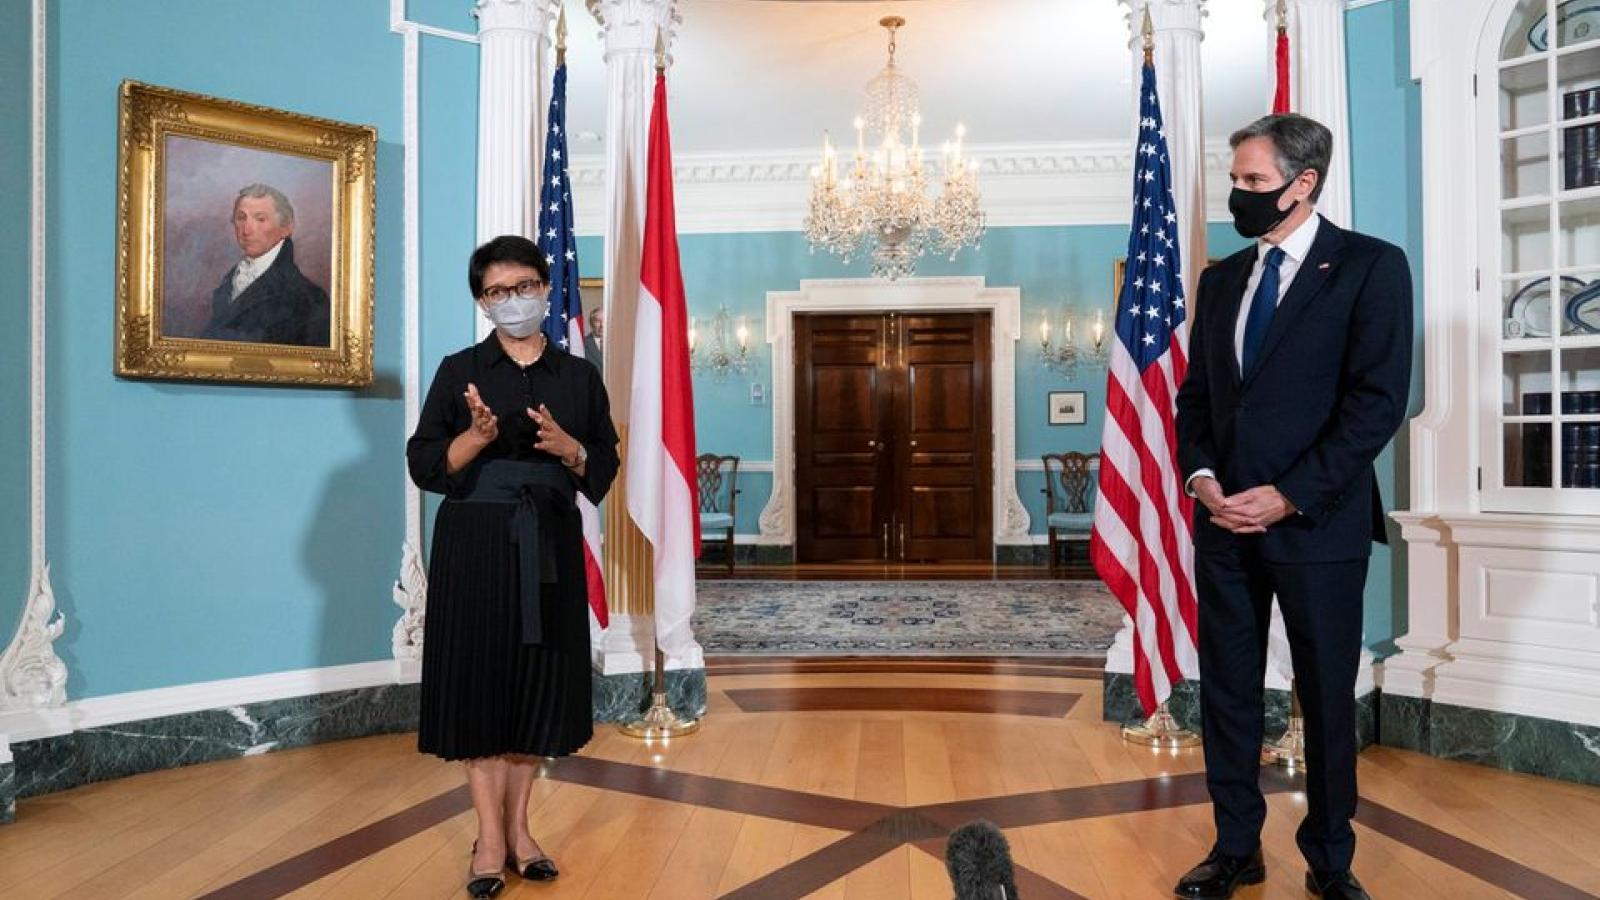 """Mỹ và Indonesia cam kết bảo vệ Biển Đông trong """"đối thoại chiến lược"""""""